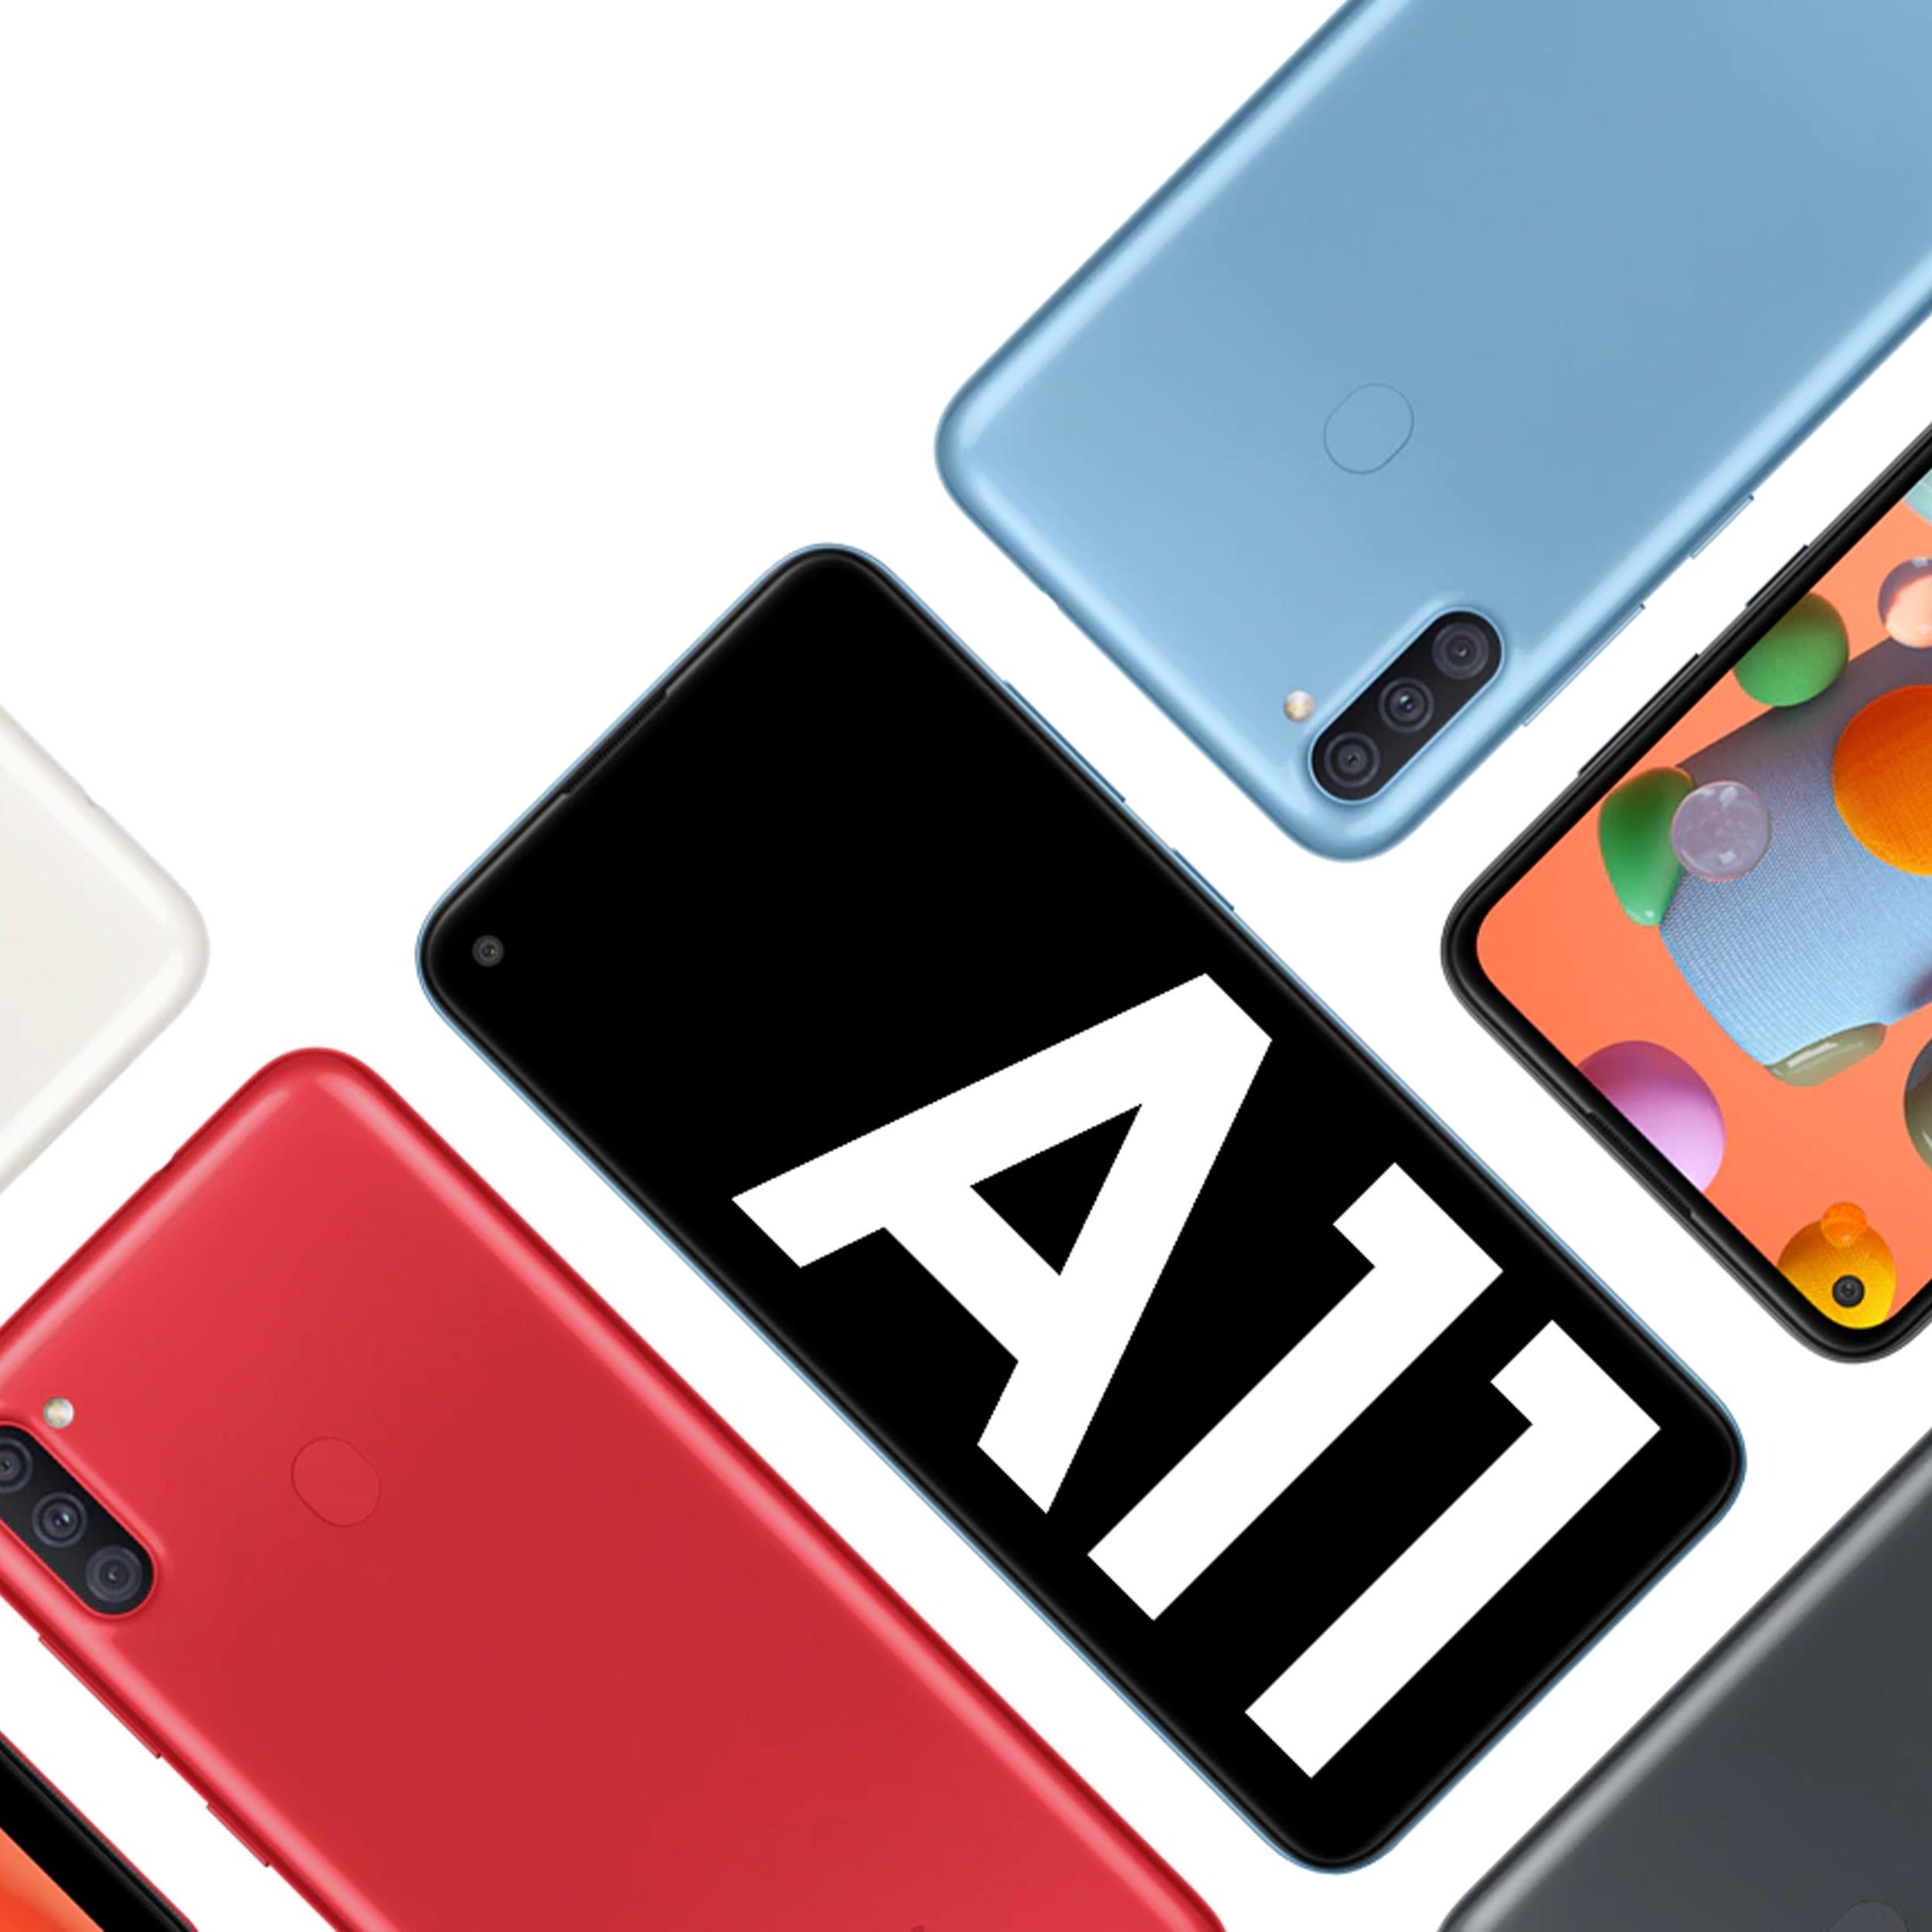 گوشی موبایل سامسونگ مدل Galaxy A11 SM-A115F/DS دو سیم کارت ظرفیت 32 گیگابایت با 2 گیگابایت رم main 1 7